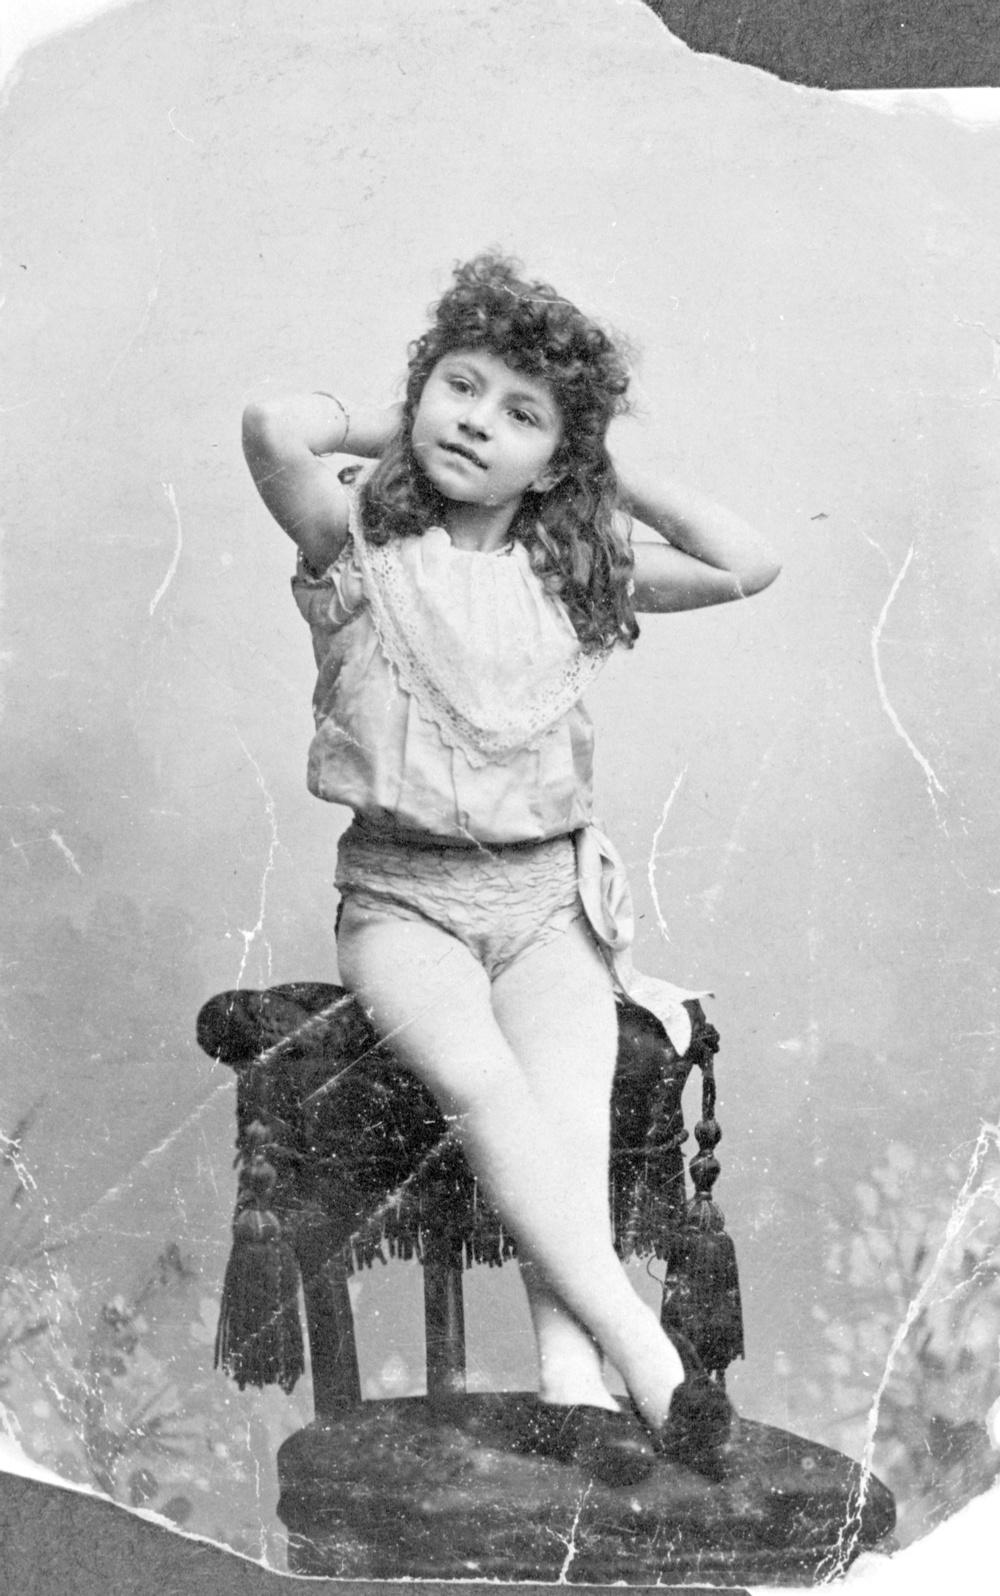 """Cirkusartisten La Bella Ingeborg (1890-1970) som barn. Hon hette egentligen Valborg Gröning. Hon togs som fosterbarn till Cirkus Lindberg vid fyra års ålder och lanserades ett år senare som """"Vidunderbarnet"""". Senare blev hon lindansös och ryttarinna. Fotografiet och en av La Bella Ingeborgs kostymer visas i utställningen. Originalfotografiet finns i Länsmuseet Gävleborgs samlingar."""